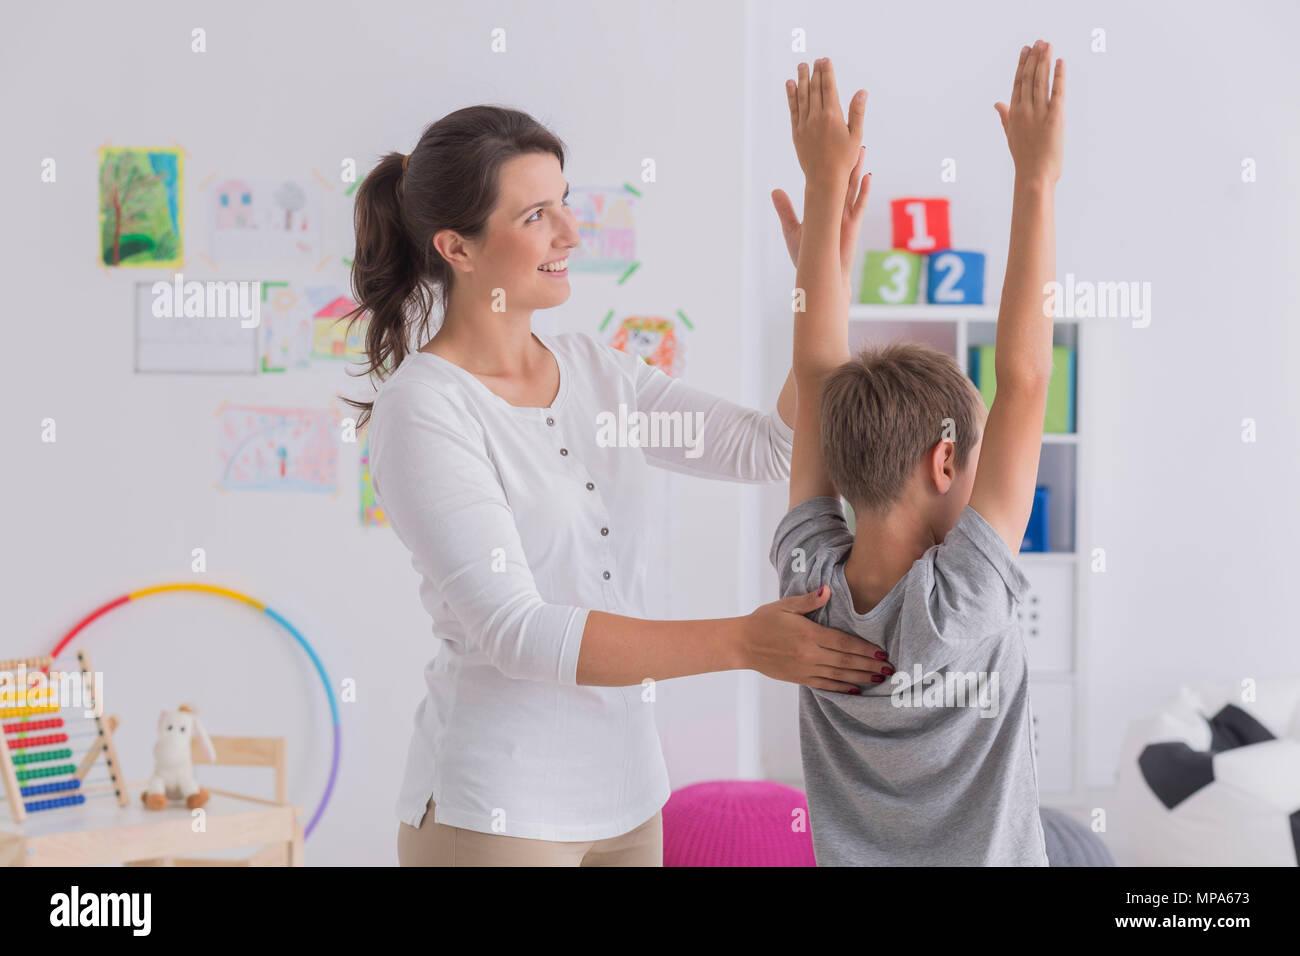 Inquadratura di un cordiale fisioterapista esercita con il suo piccolo paziente Immagini Stock